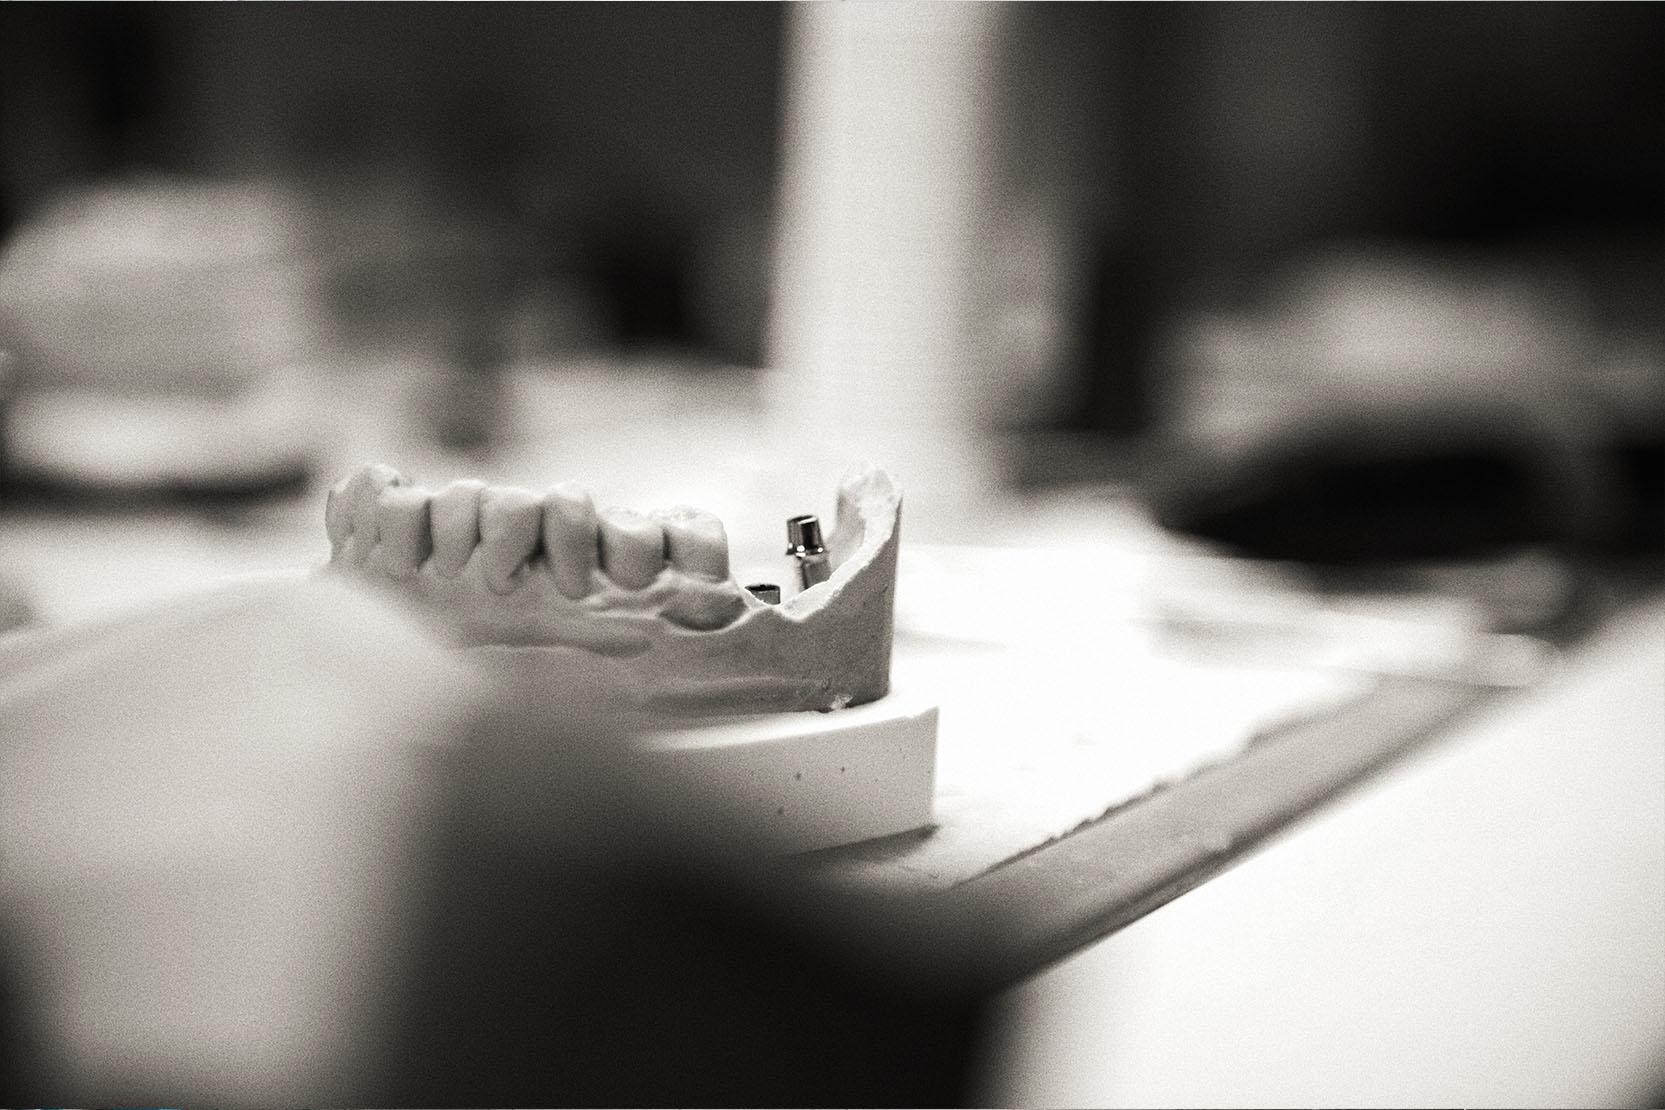 praxis-zahnarzt-denteam-dentallabor-6